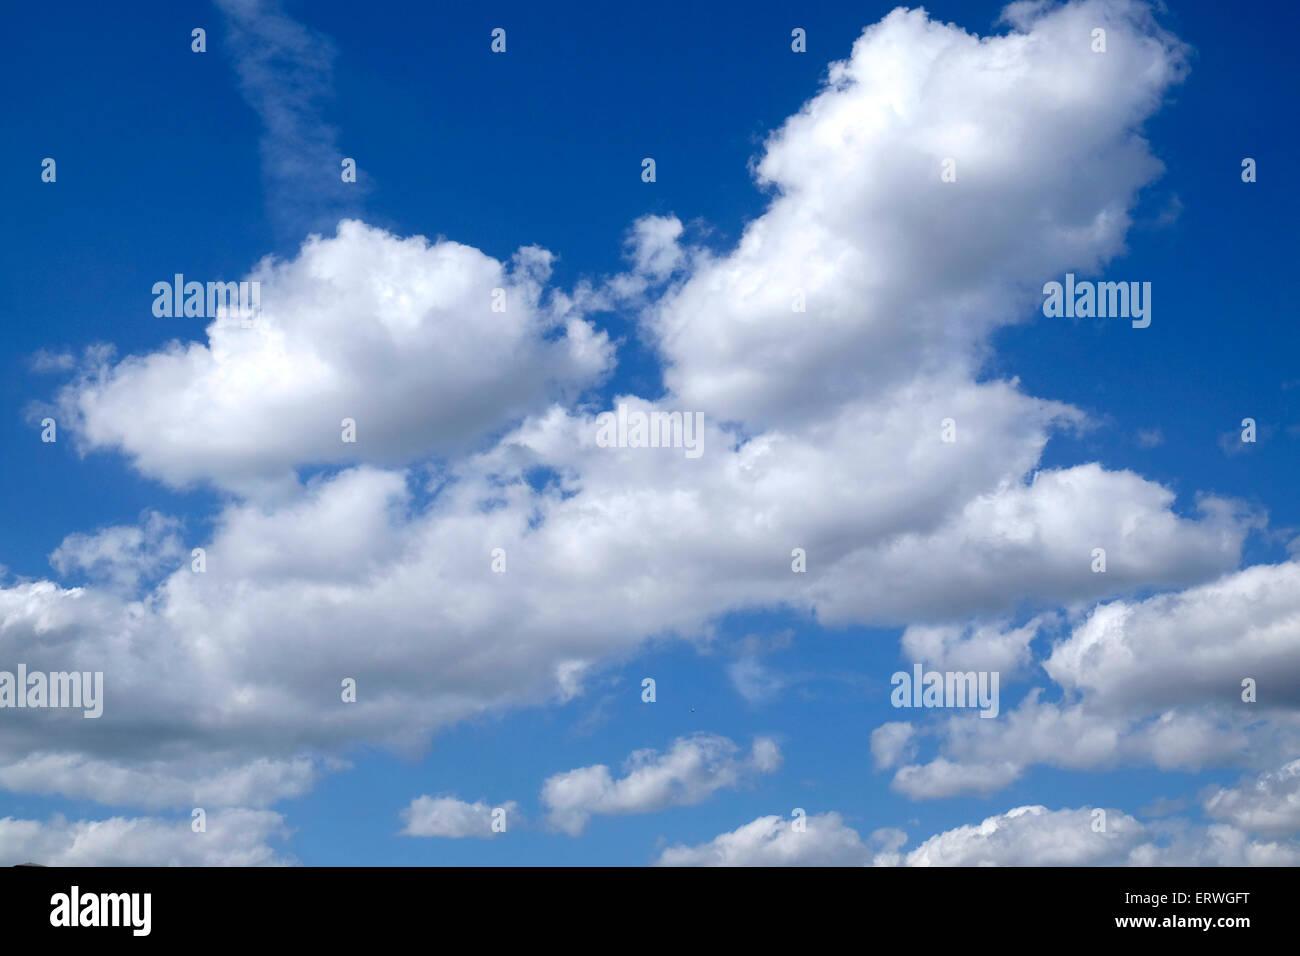 Nuages contre un ciel bleu Photo Stock